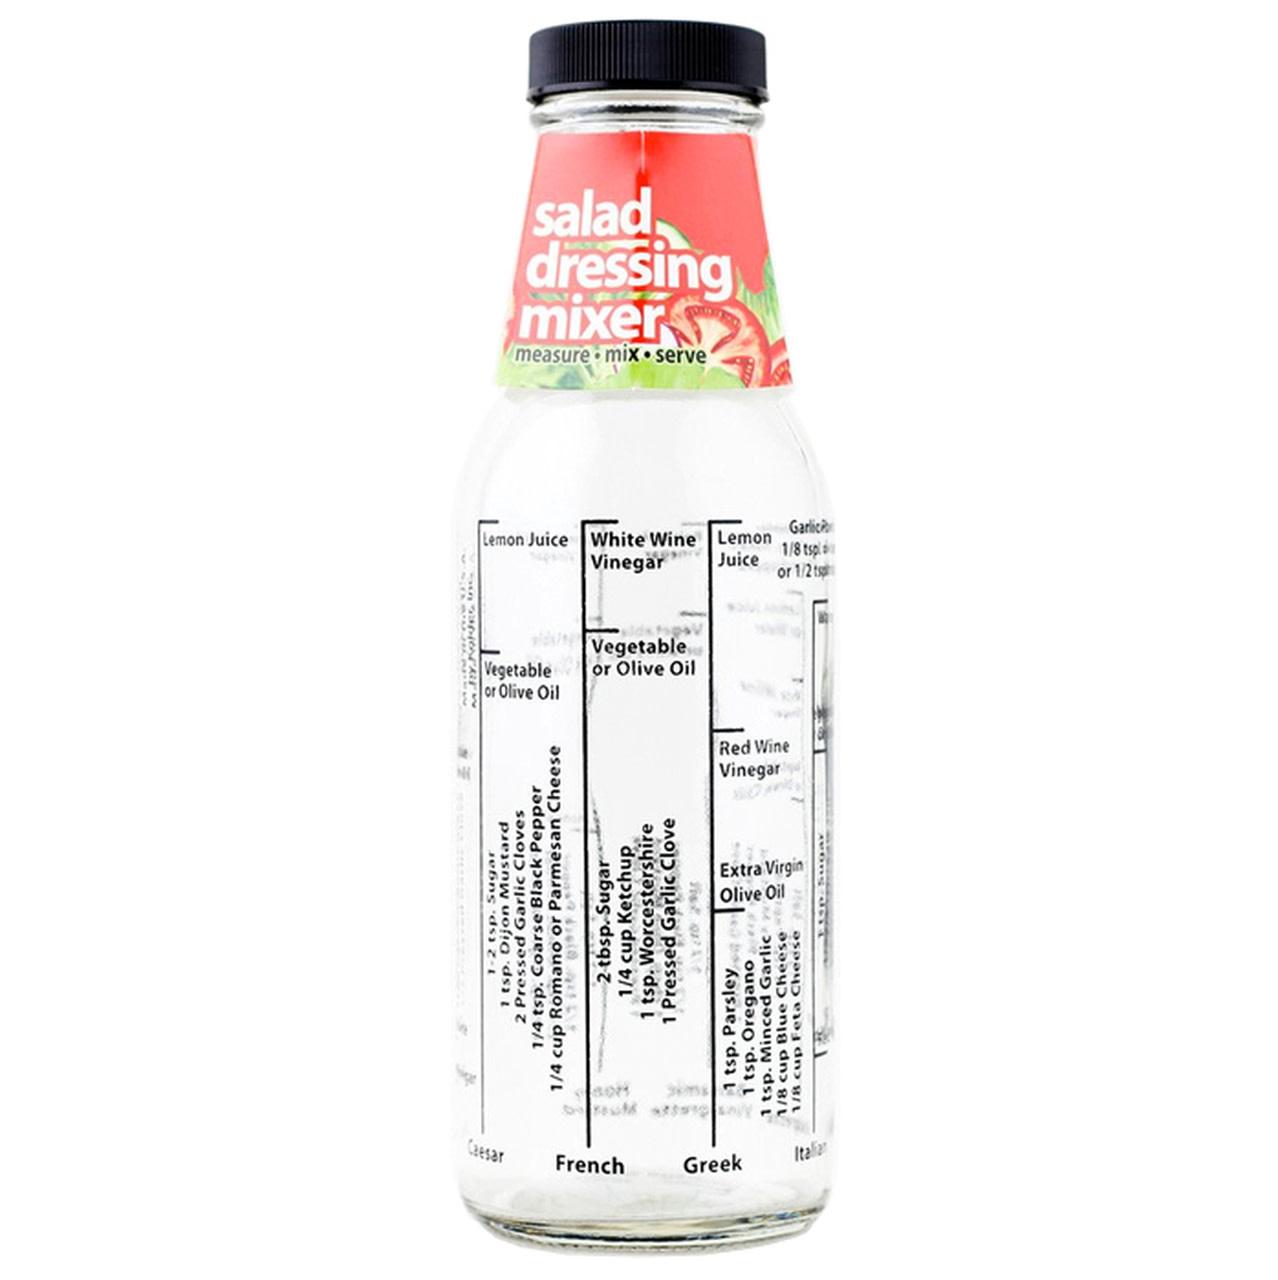 Salad Dressing Bottle Mix & Serve